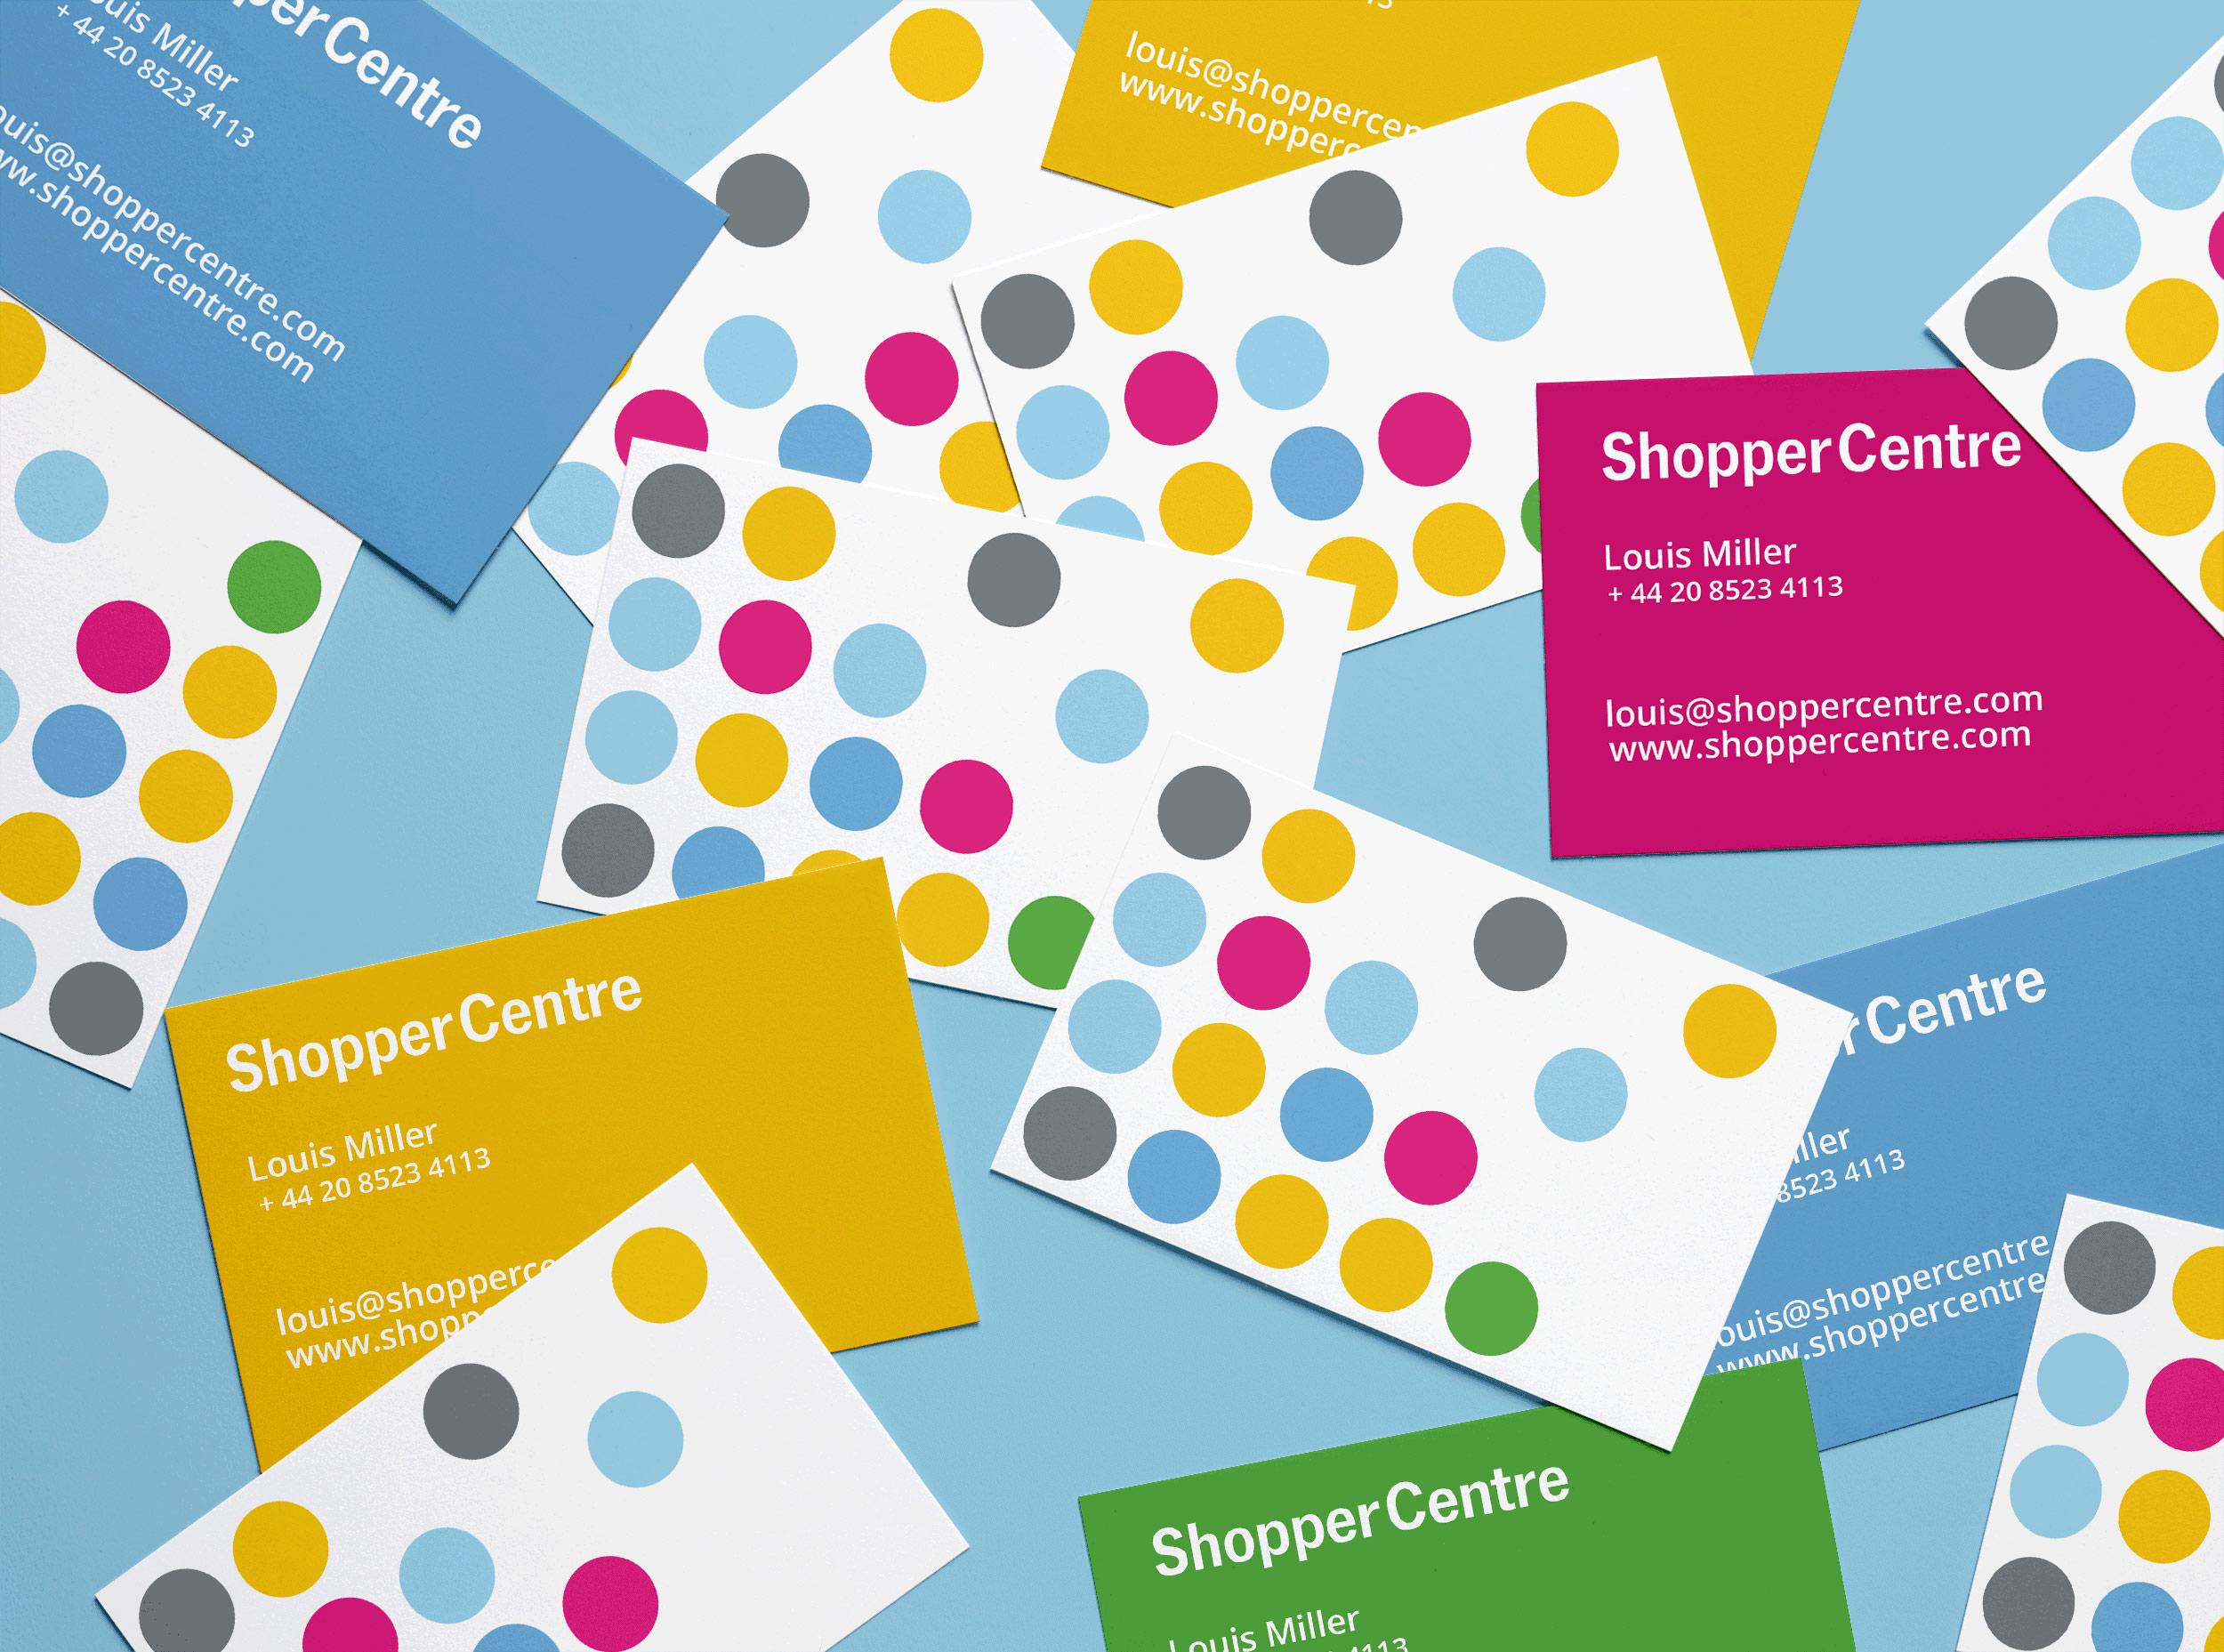 ShopperCentre brand identity